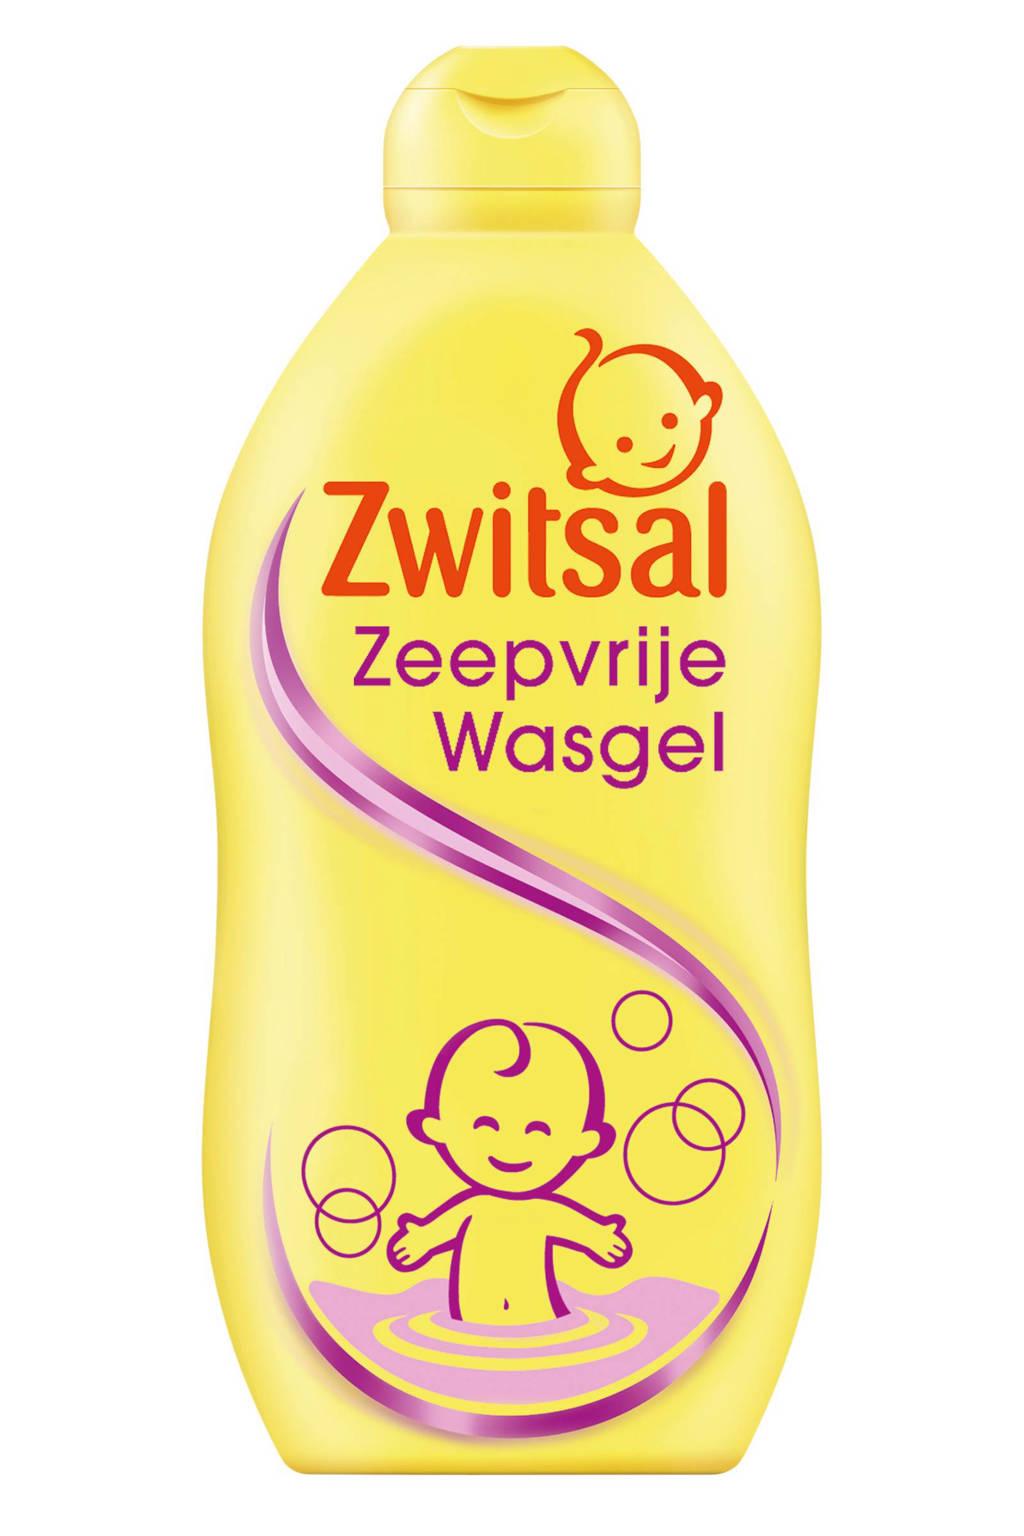 Zwitsal zeepvrije wasgel - 500 ml - baby